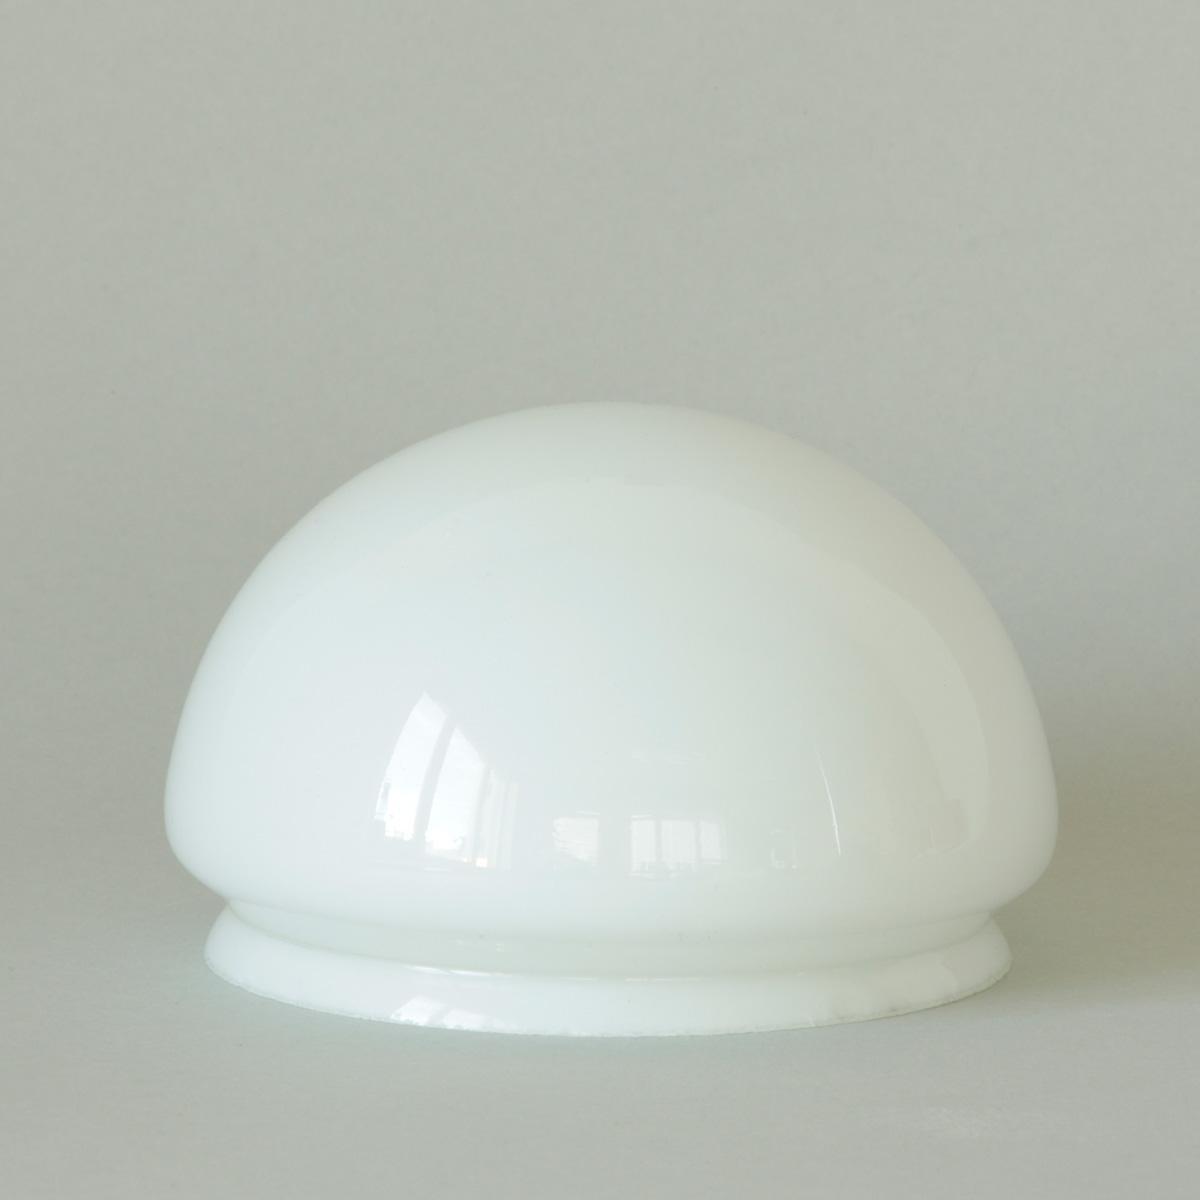 sehr kleine klassische deckenleuchte mit 11 cm opalglas. Black Bedroom Furniture Sets. Home Design Ideas